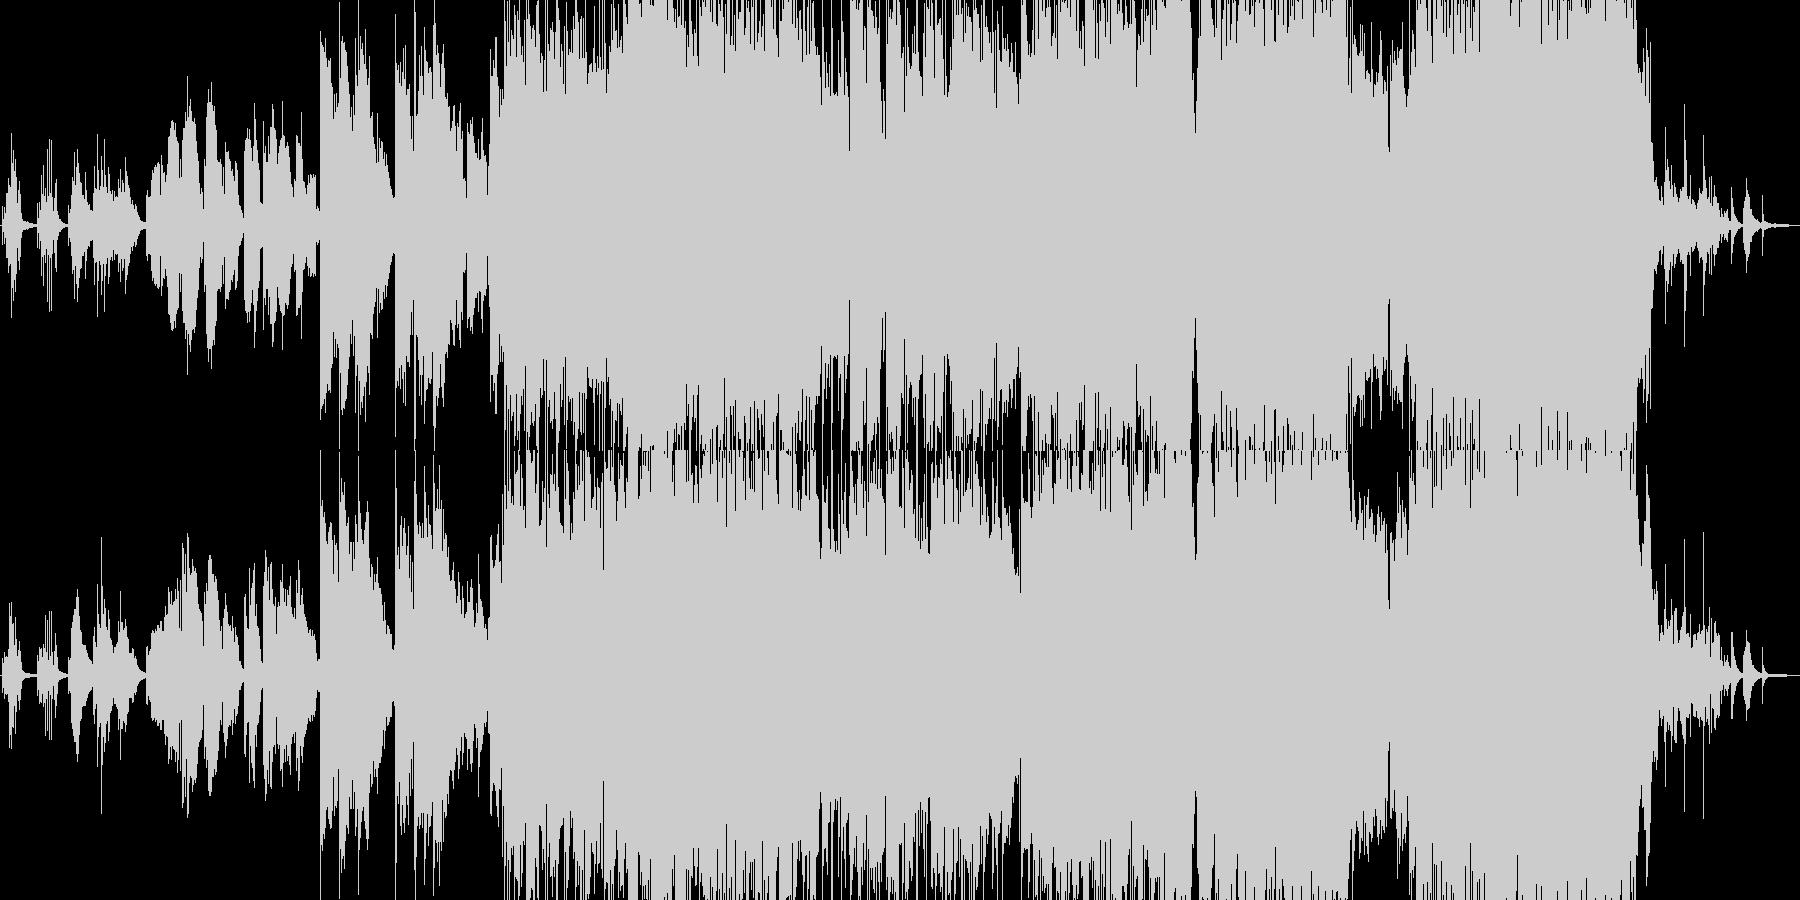 クラシック風な切ない雰囲気のバラードの未再生の波形